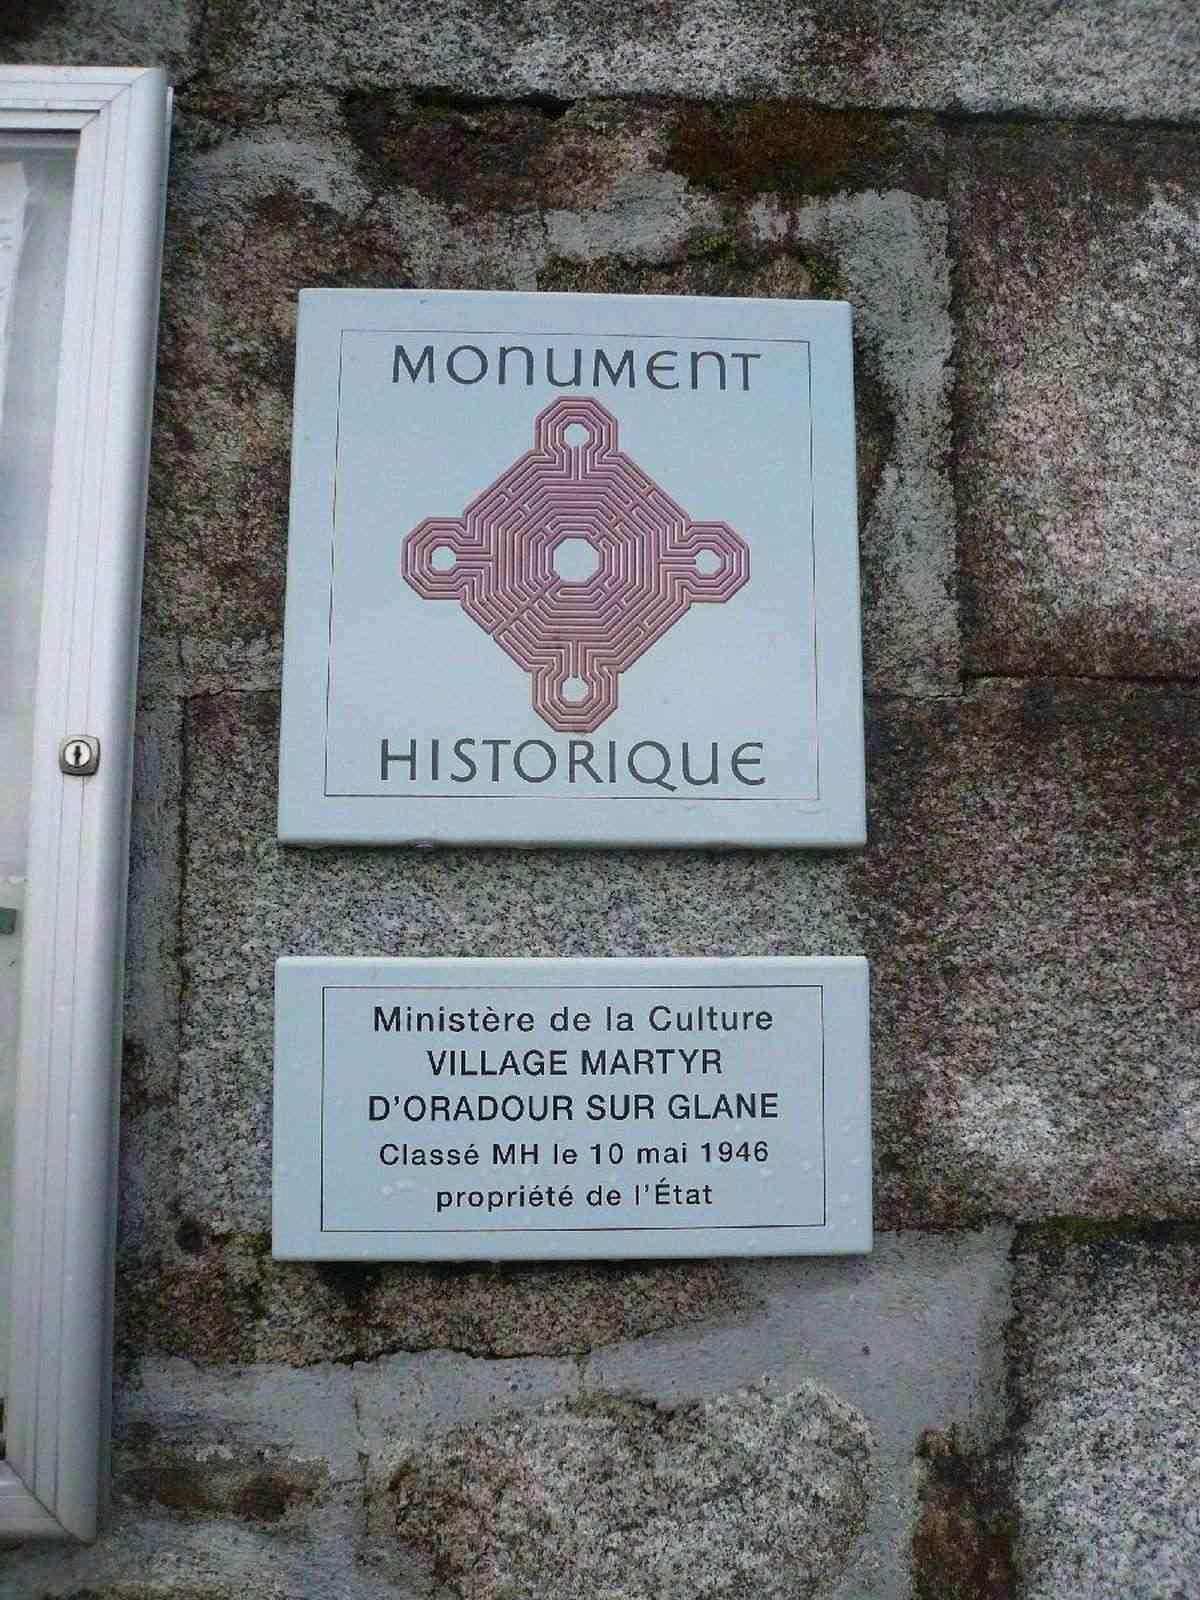 Sortie classe de 1ère S Lycée de Fouesnant à Chasseneuil sur Bonnieure (16) et Village martyr Oradour/Glane (87) 4111